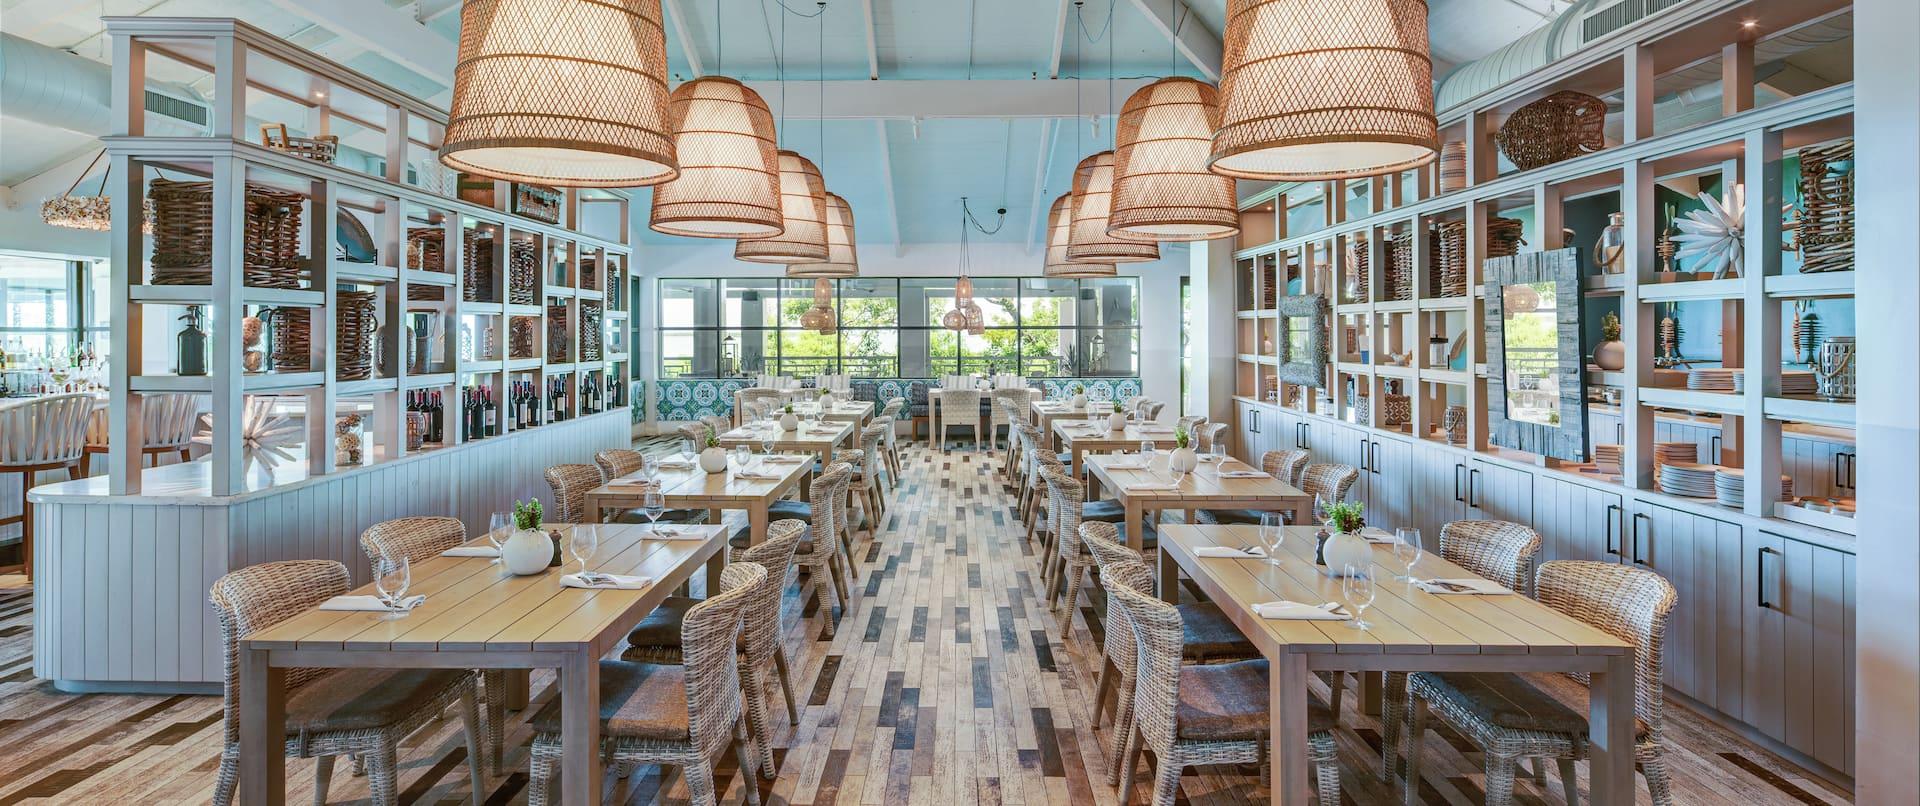 Calusa Restaurant